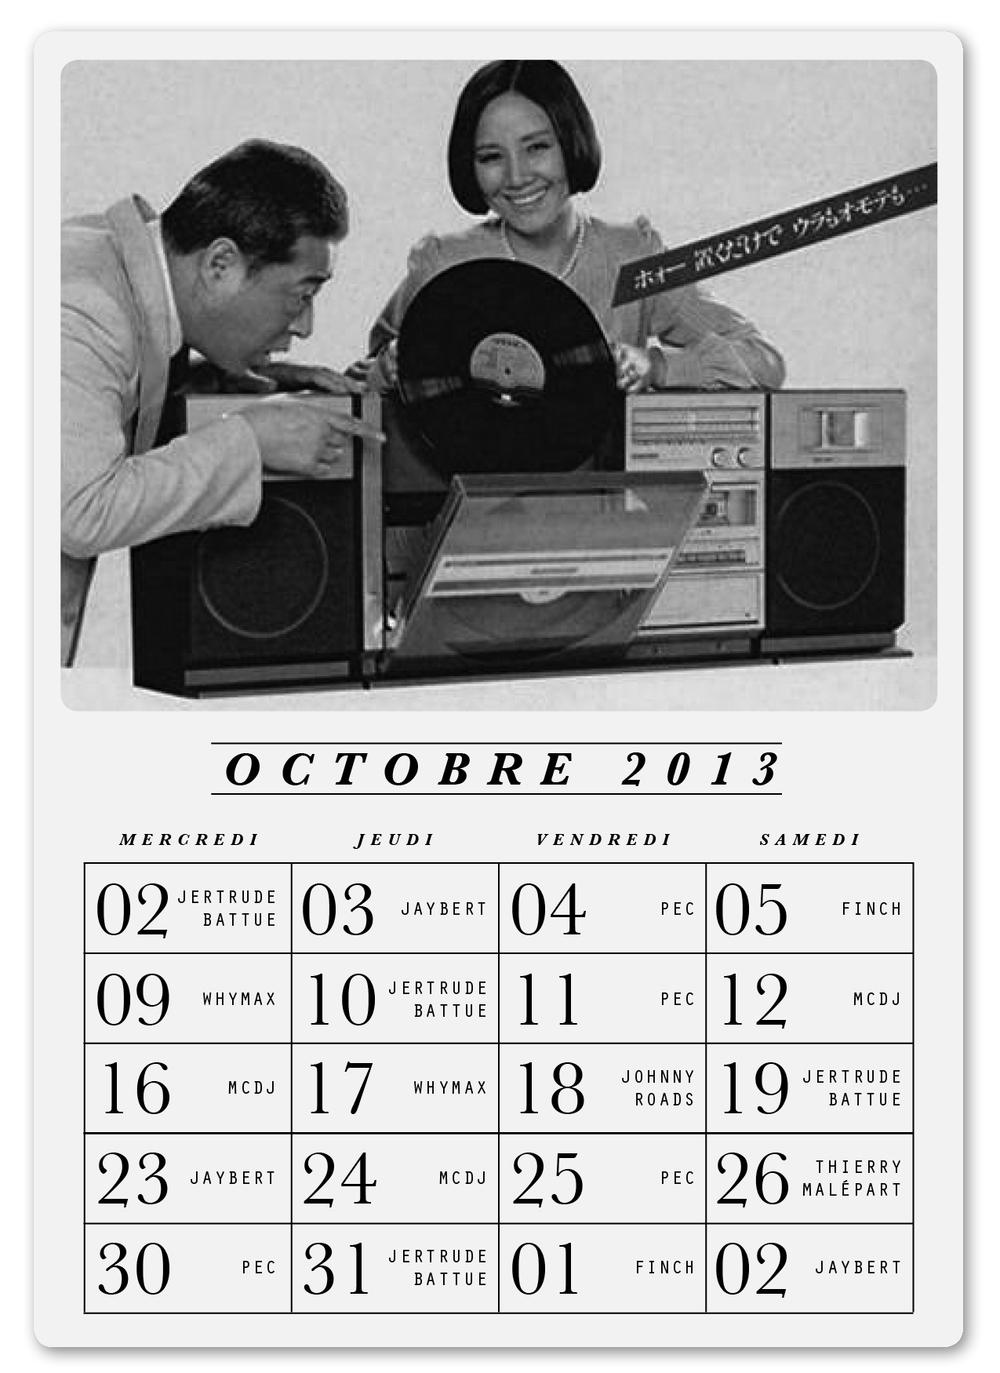 DJ_octobre013.jpg